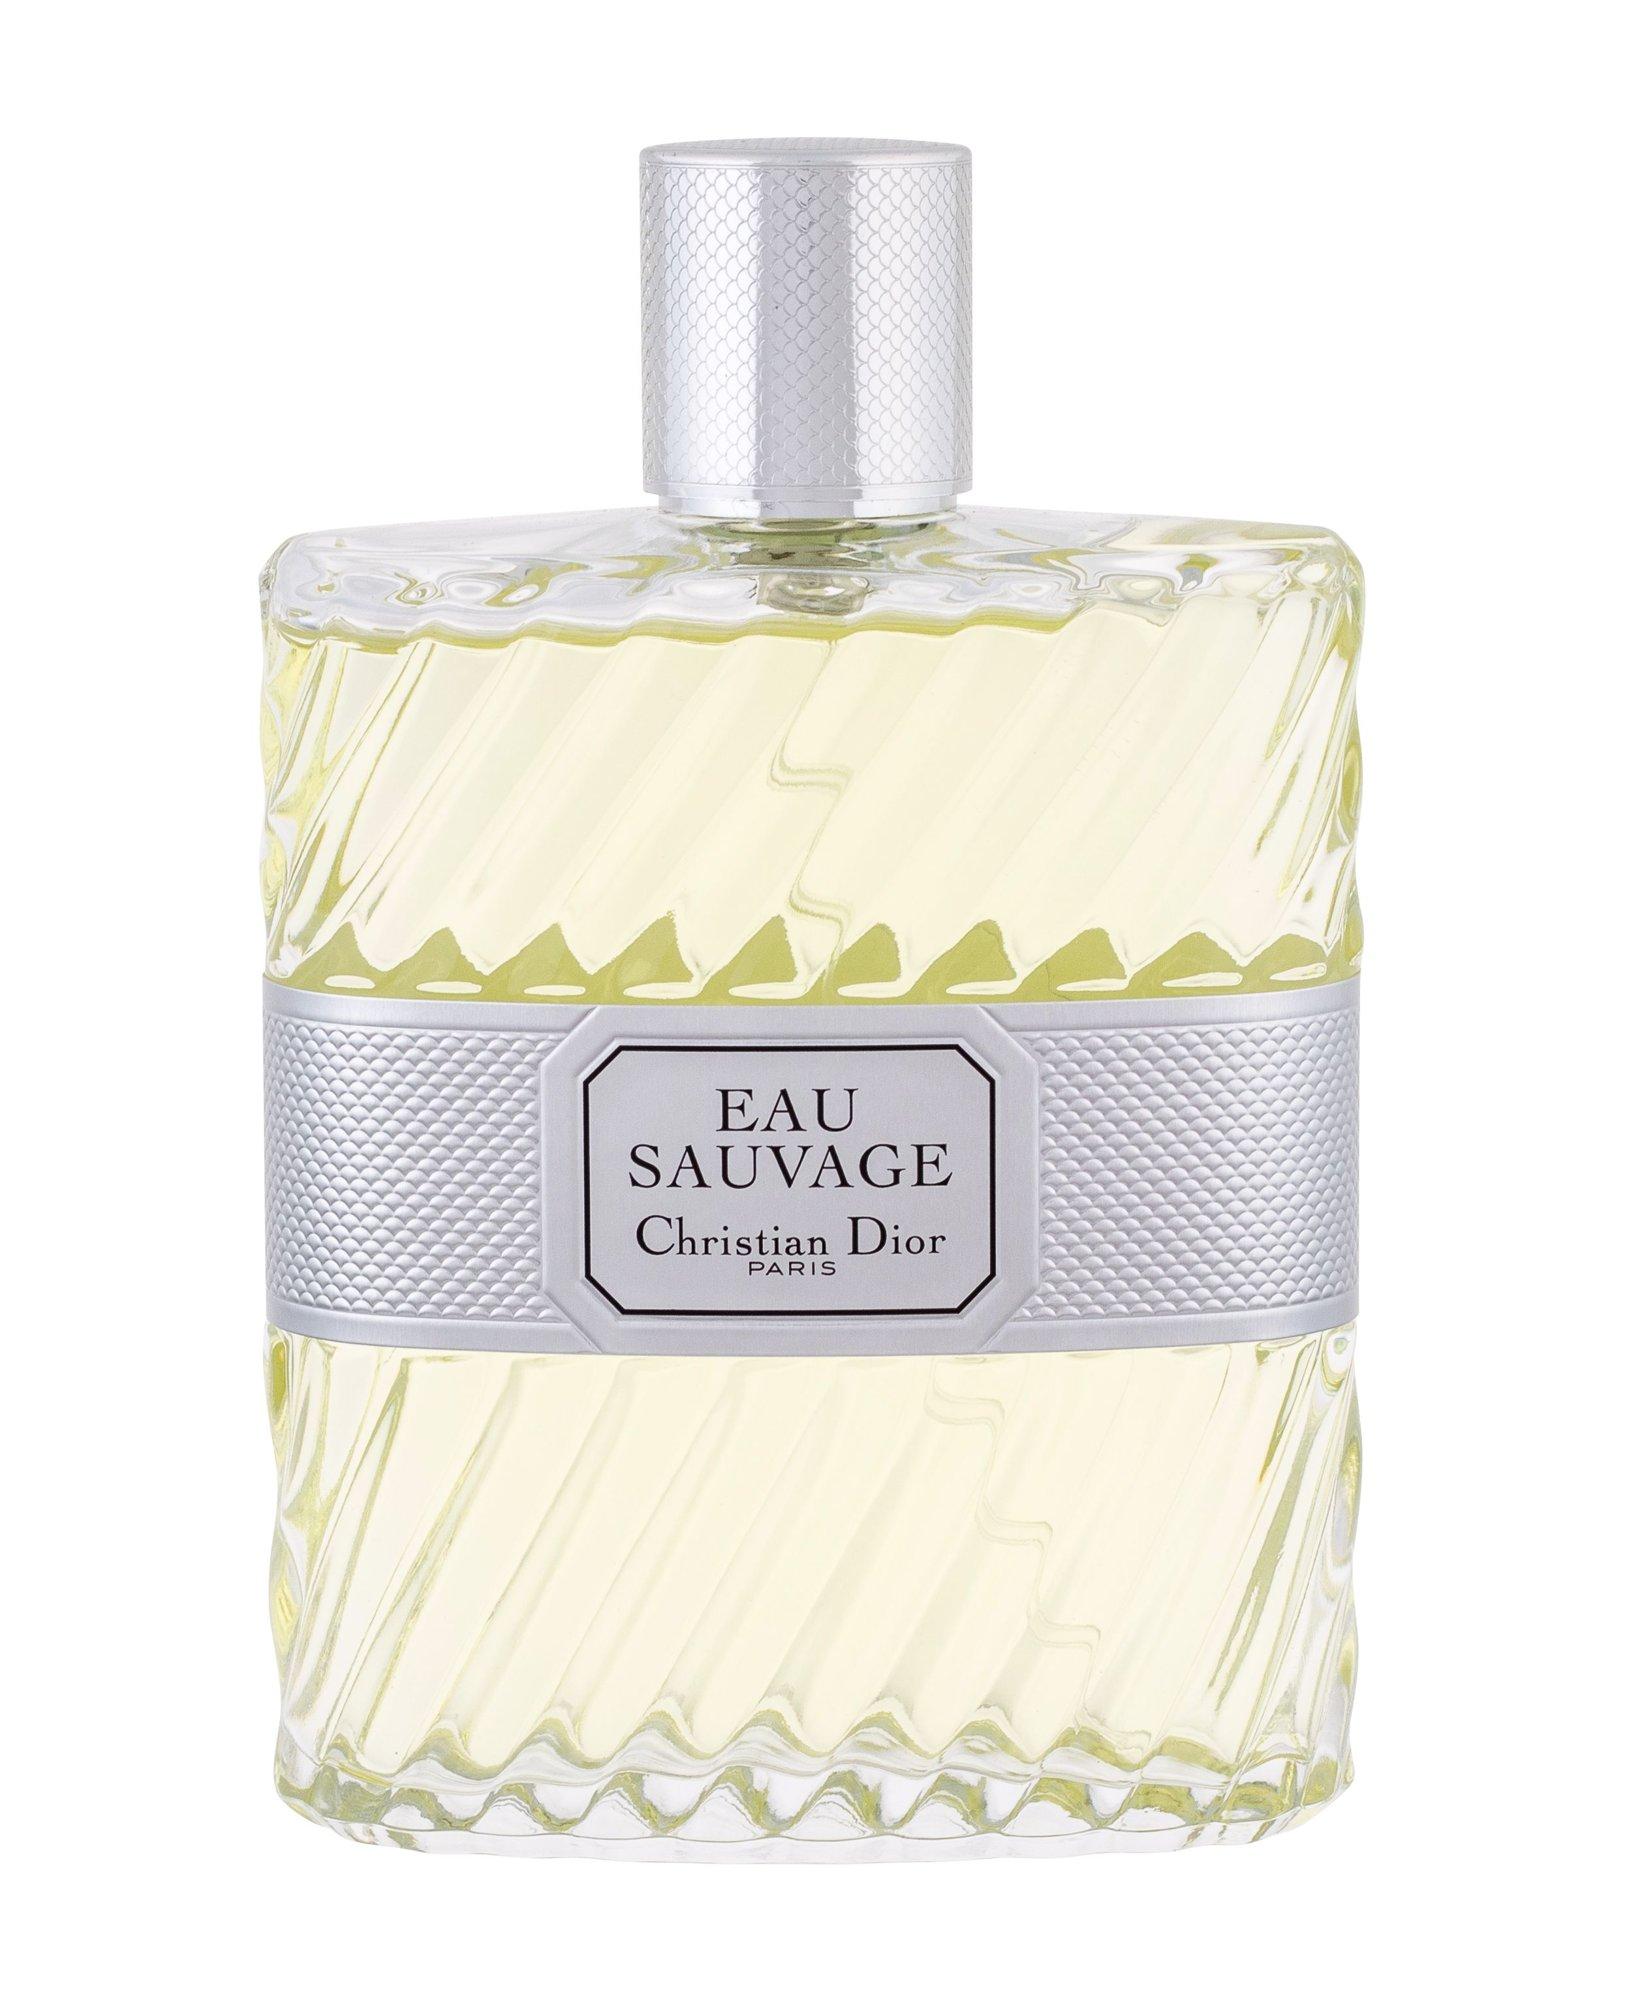 Christian Dior Eau Sauvage Eau de Toilette 200ml